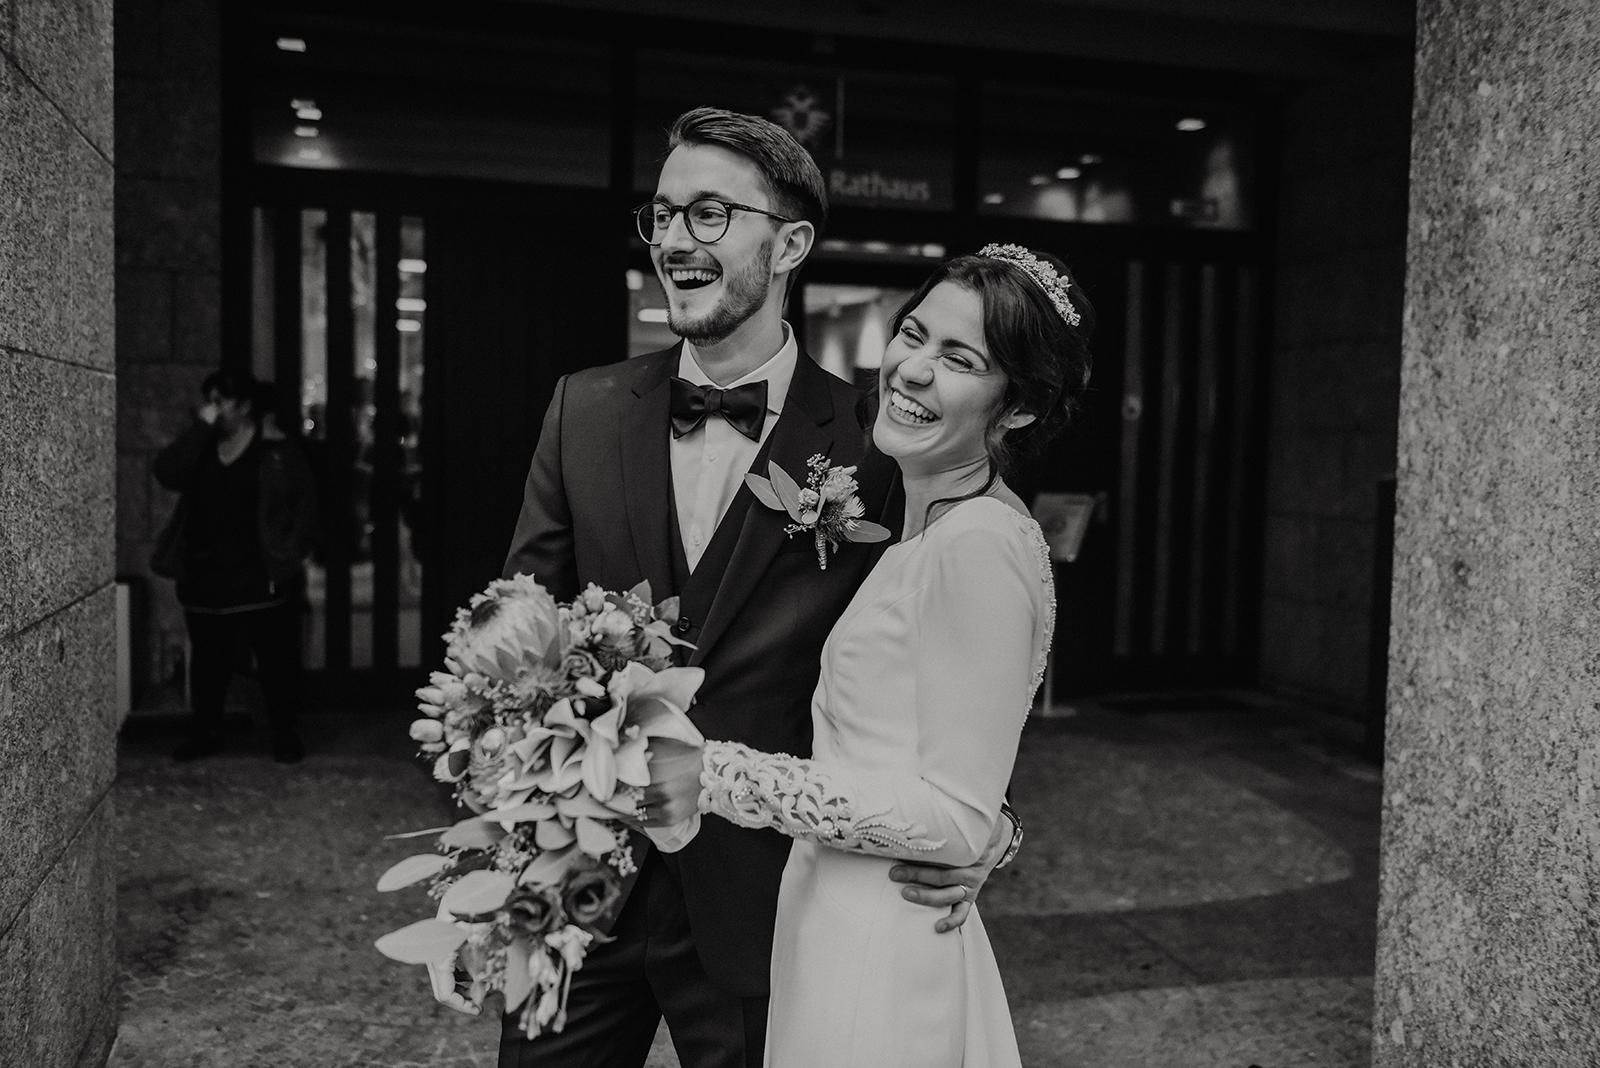 Jasmin und Axel bei ihrer standesamtlichen Trauung in Koeln